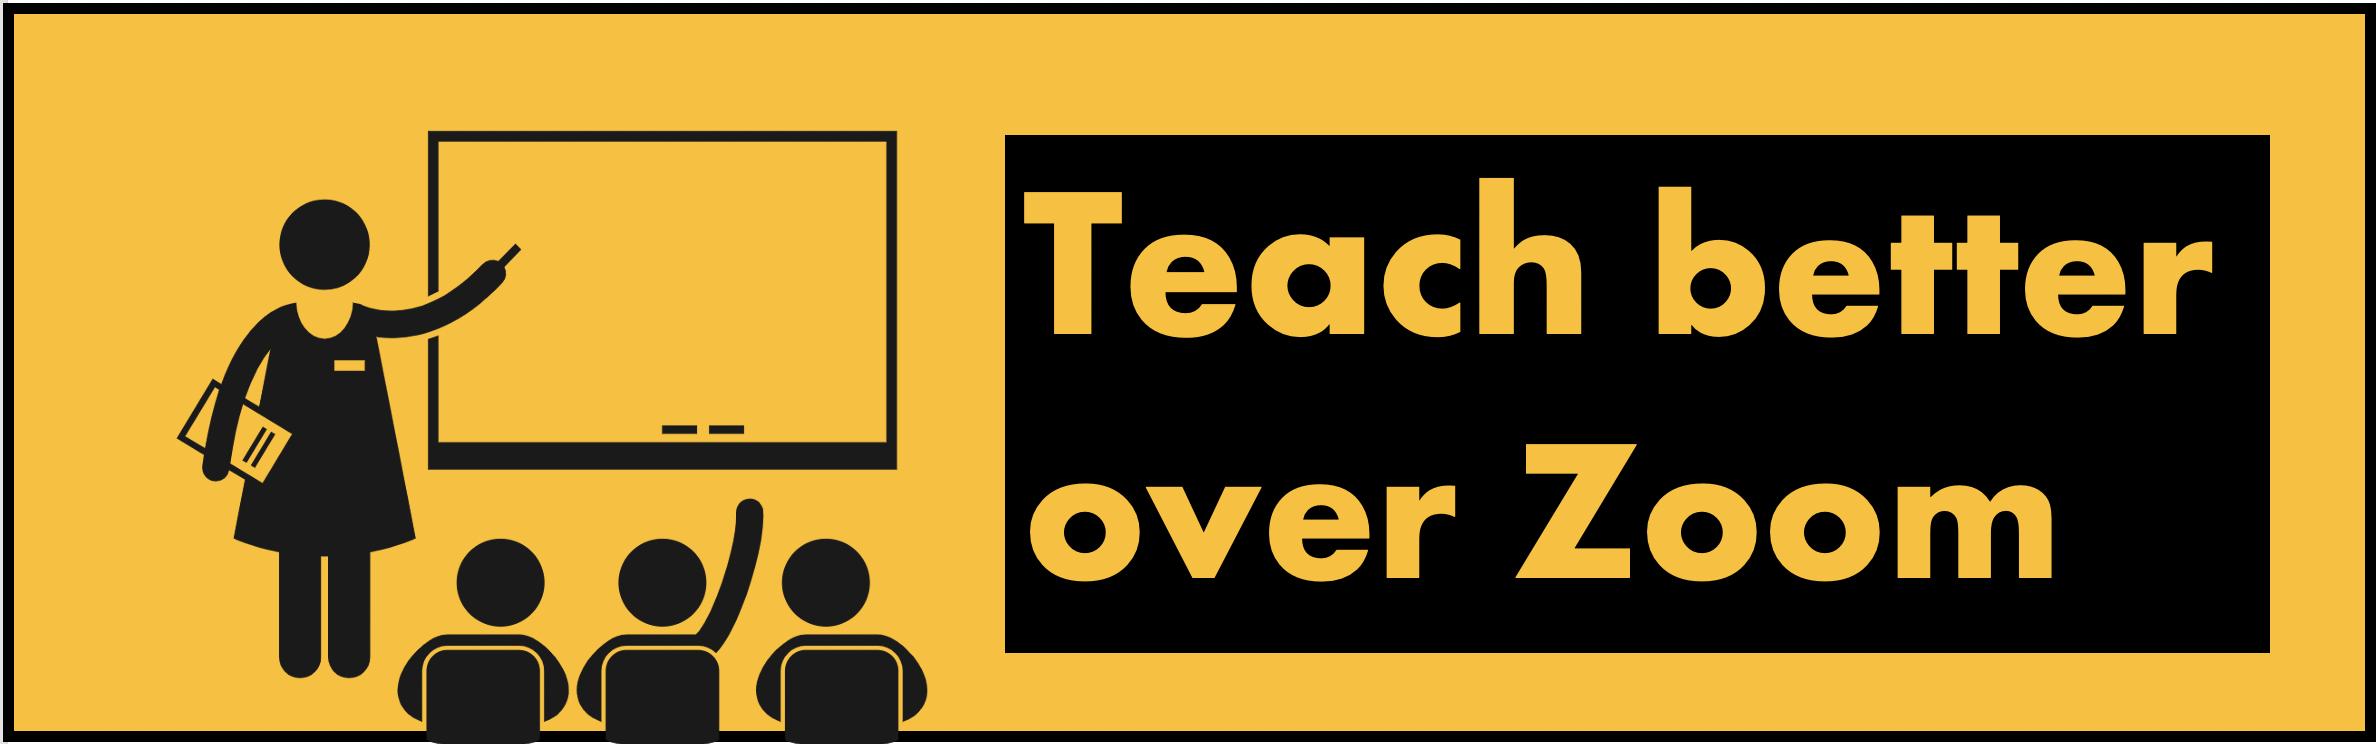 Teach better over Zoom